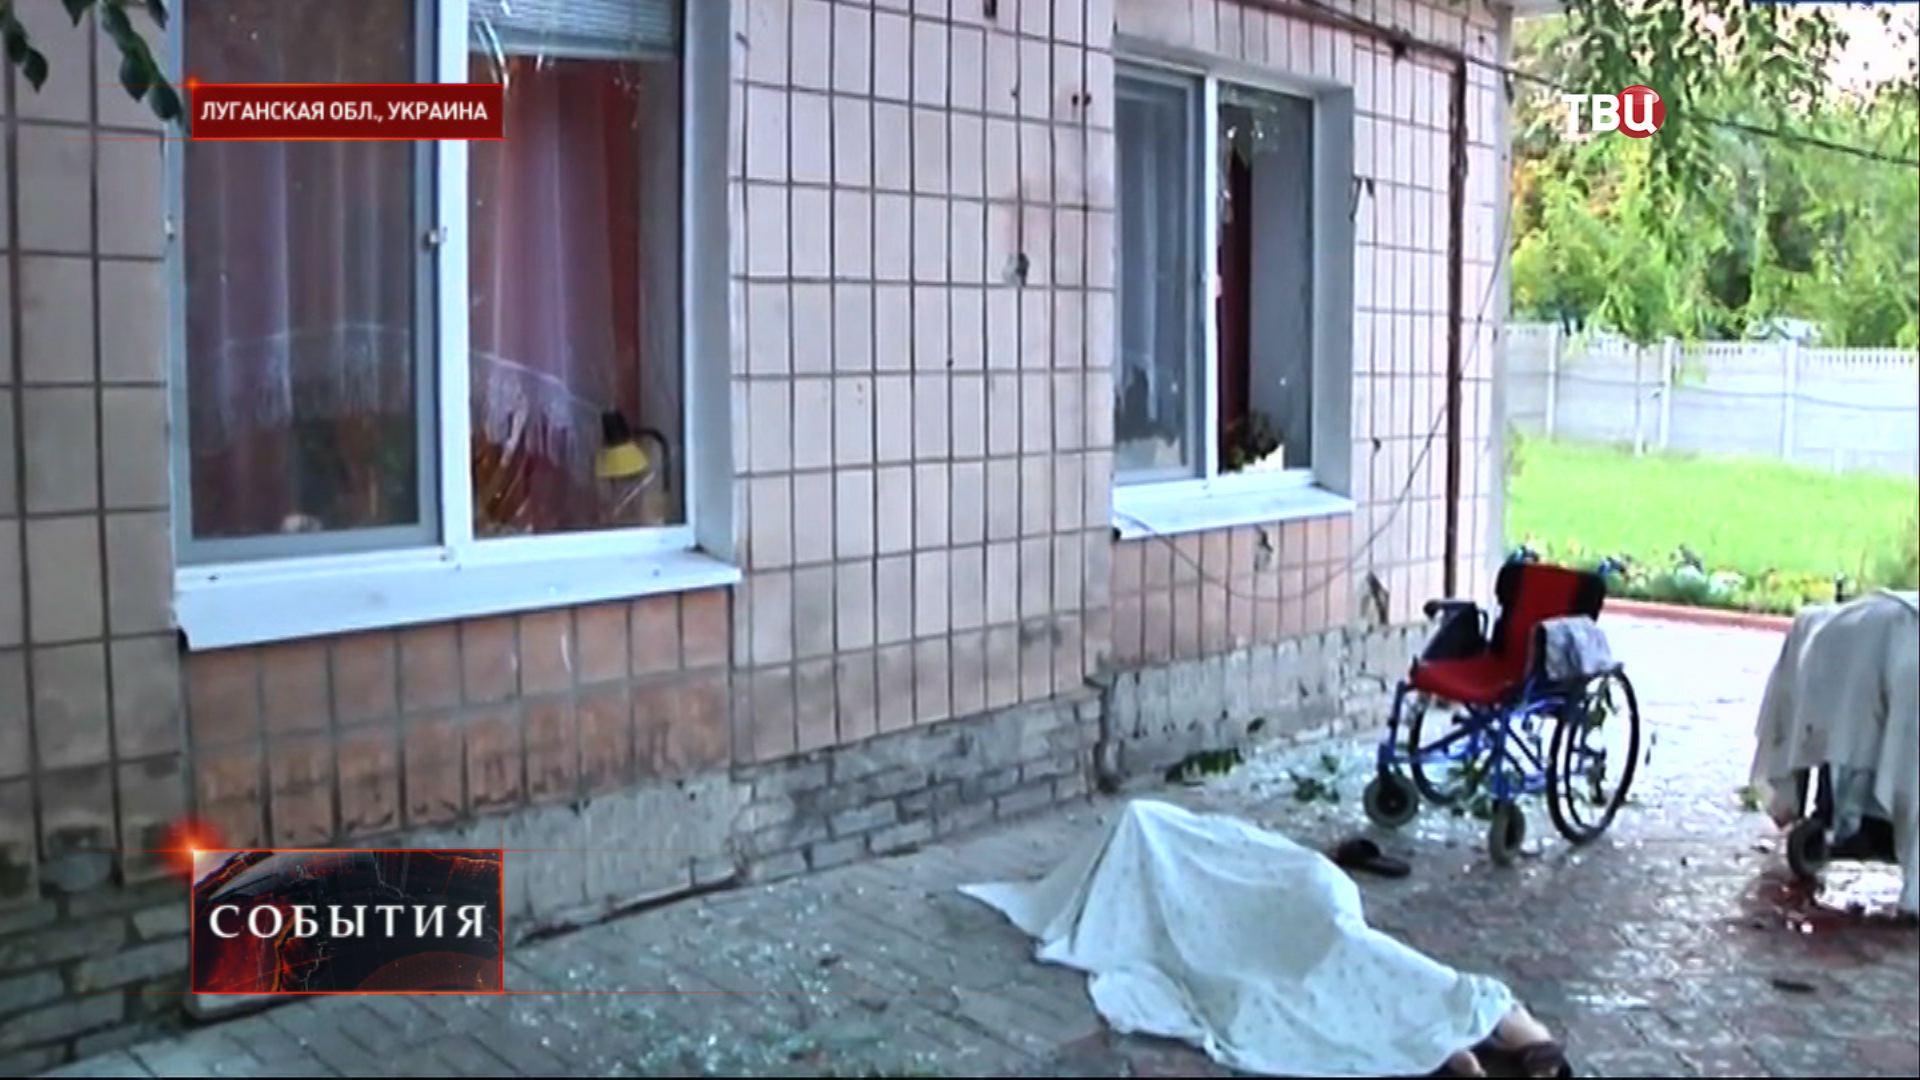 Результат обстрела украинских силовиков дома престарелых в Луганске